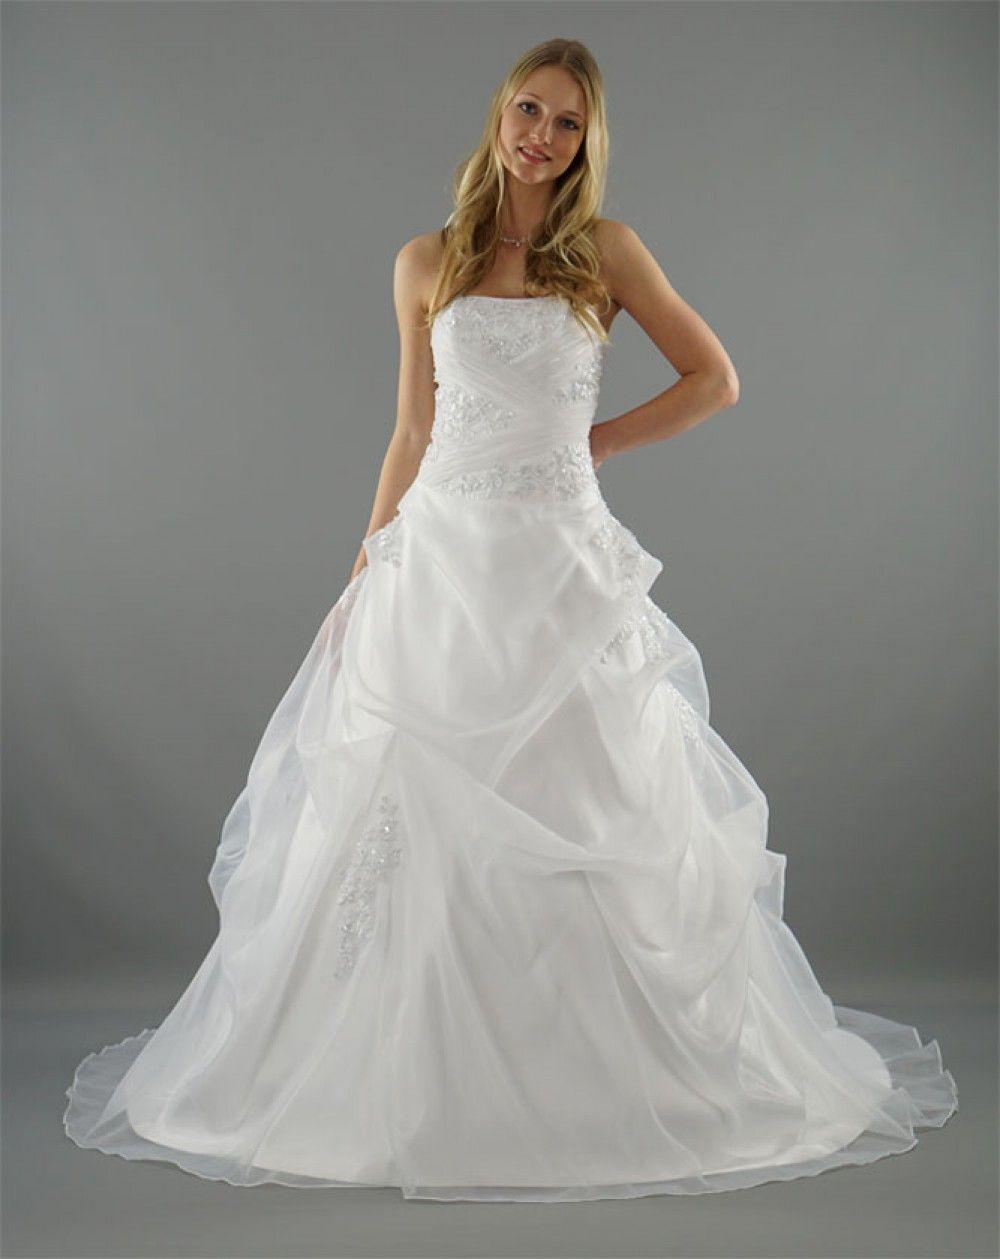 Modell Greta   bauschiger Rock, elegante Braut und Brautkleid